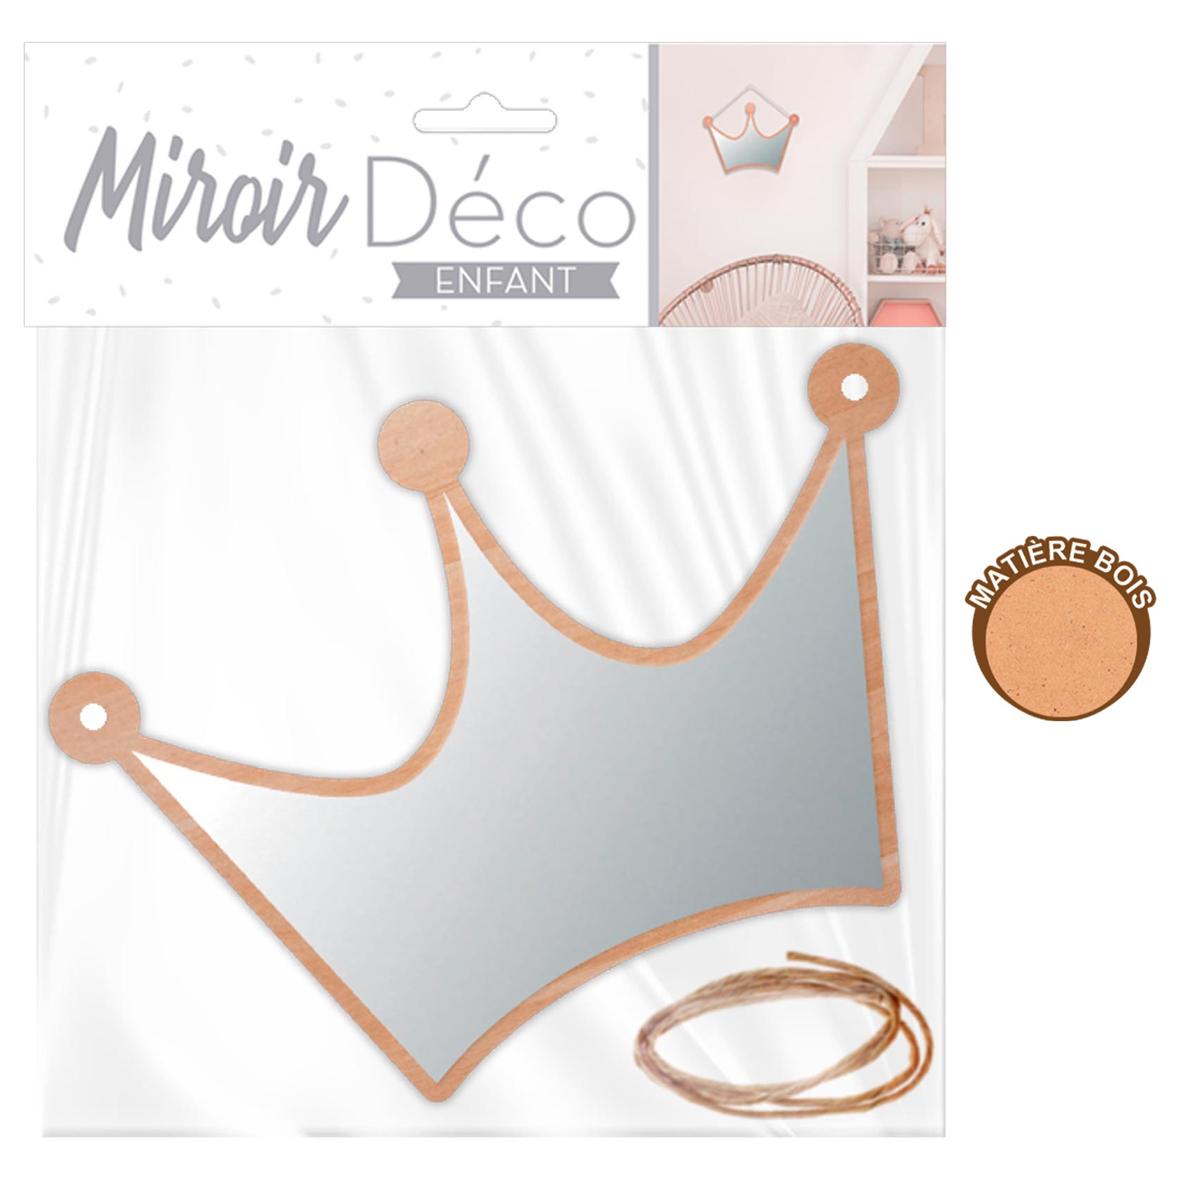 Petit miroir déco bois \'Couronne\'  - 18x15 cm - [A0729]